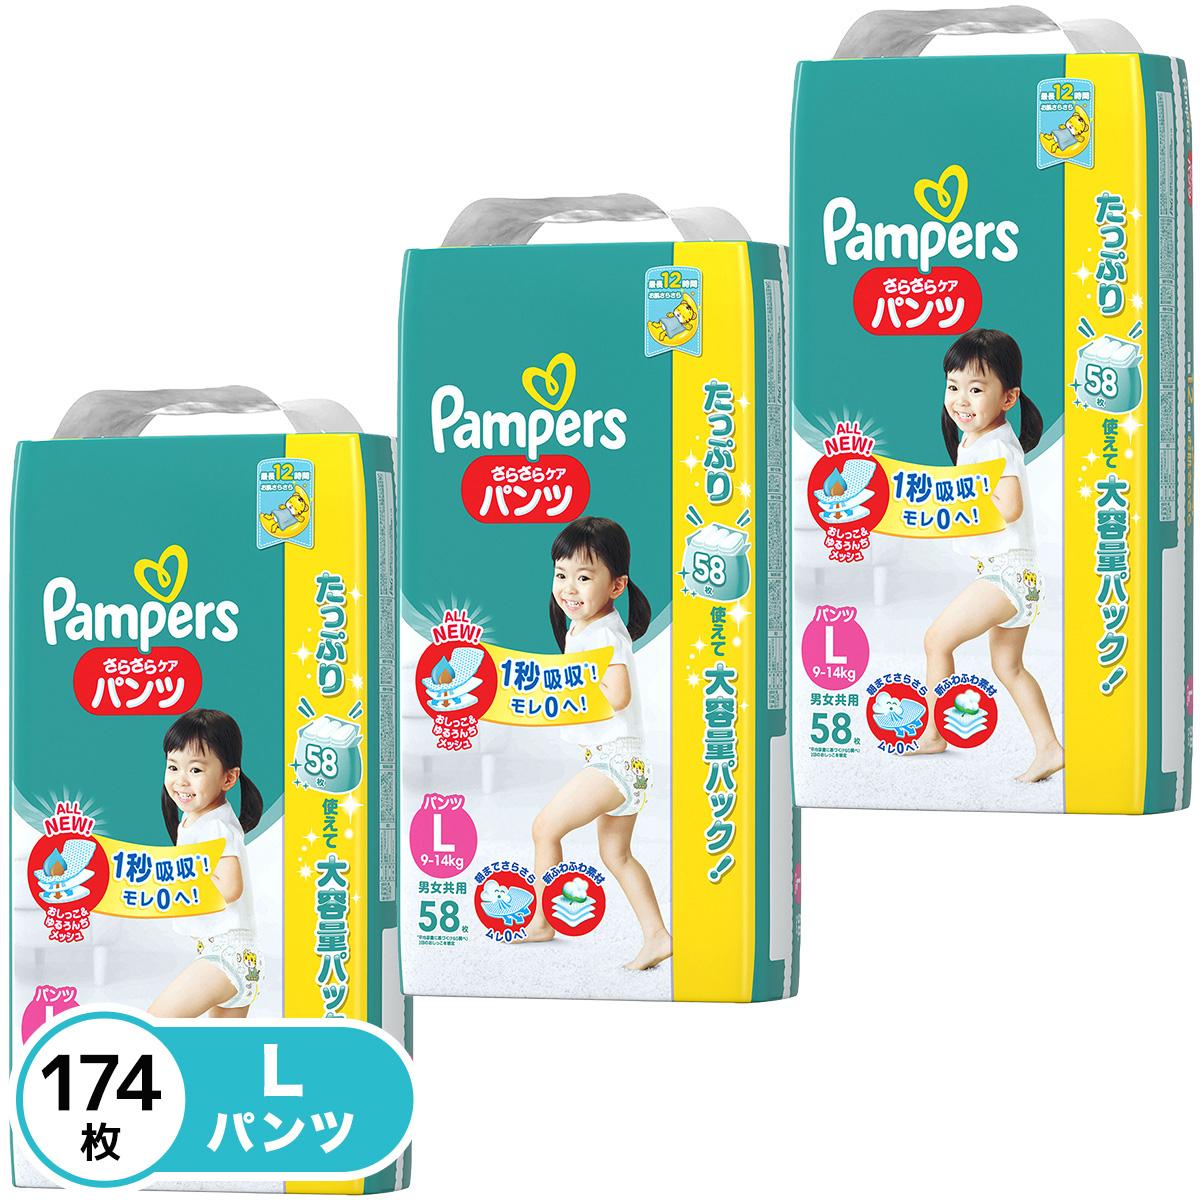 紙おむつ パンパース パンツLサイズ 送料無料 Seasonal Wrap入荷 期間限定 エントリーでP5倍 PG さらさらケア パンツ おむつ 58枚×3パック 超特価 L 9-14kg